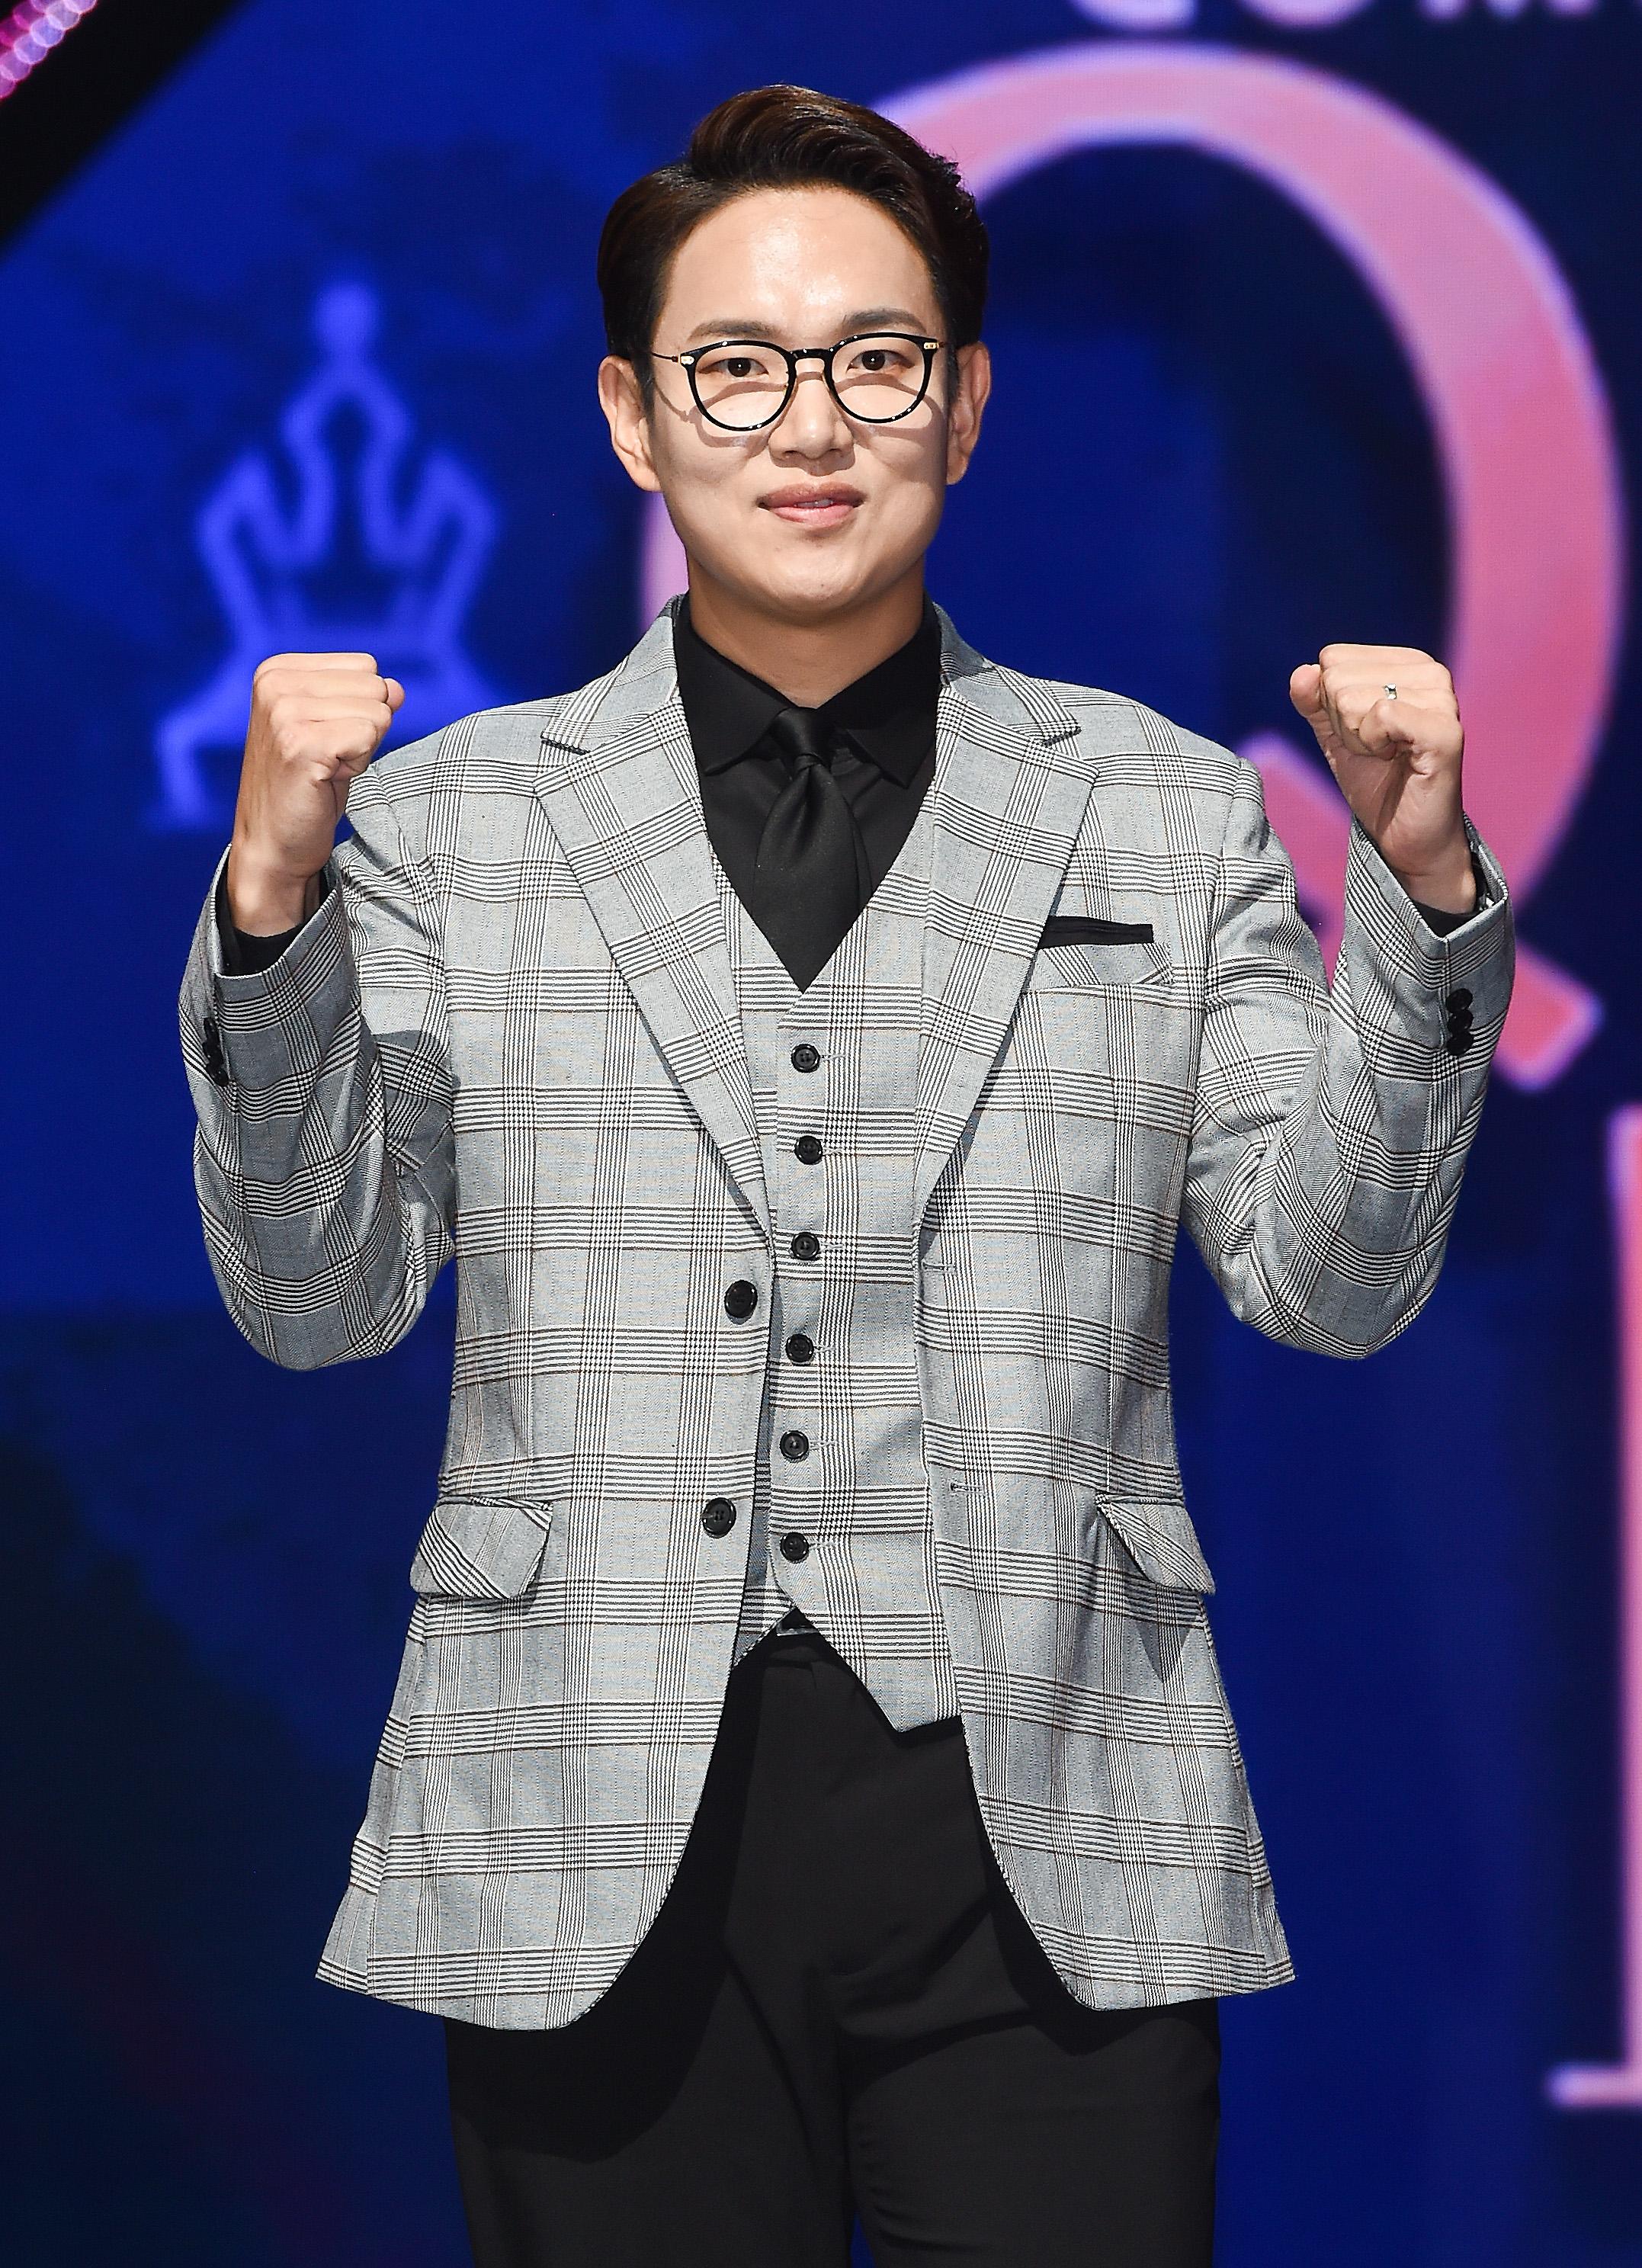 [단독] '대세' 장성규, 지상파 첫 단독 MC 꿰찼다...MBC '오 나의 파트너' 진행